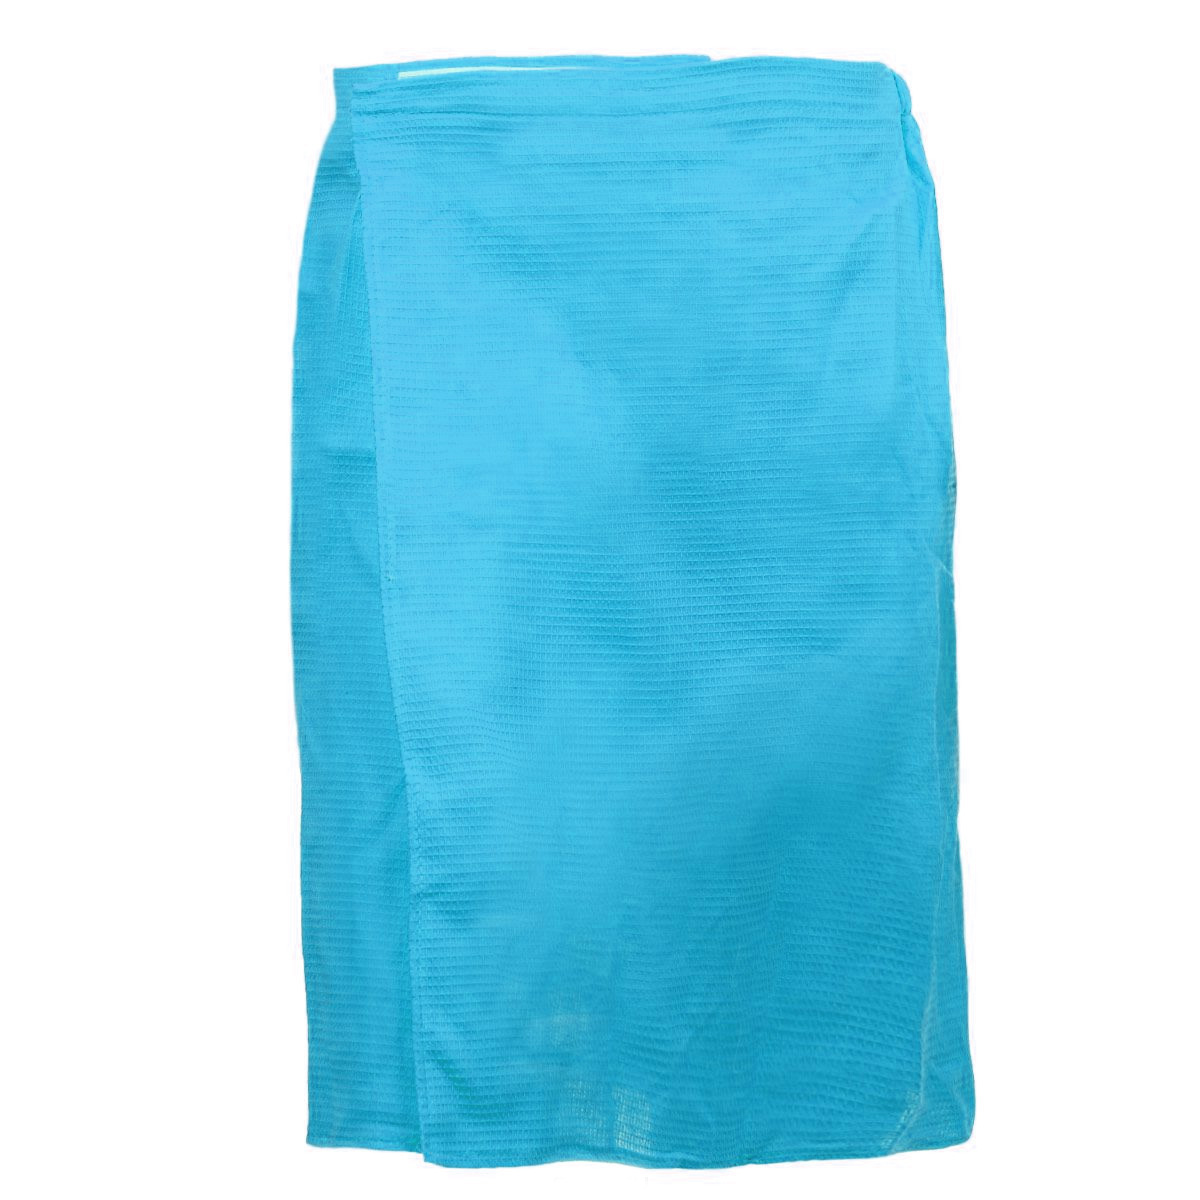 Килт для бани и сауны Банные штучки, мужской, цвет: голубой32060_голубойВафельный килт для бани и сауны Банные штучки, выполненный из натурального хлопка, привлечет внимание любителей модных тенденций в банной одежде.Килт - это многофункциональное полотенце специального покроя с резинкой и застежкой. В парилке можно лежать на нем, после душа вытираться, а во время отдыха использовать как удобную накидку. Длина килта: 60 см.Ширина килта: 145 см.Размер: 36-60.